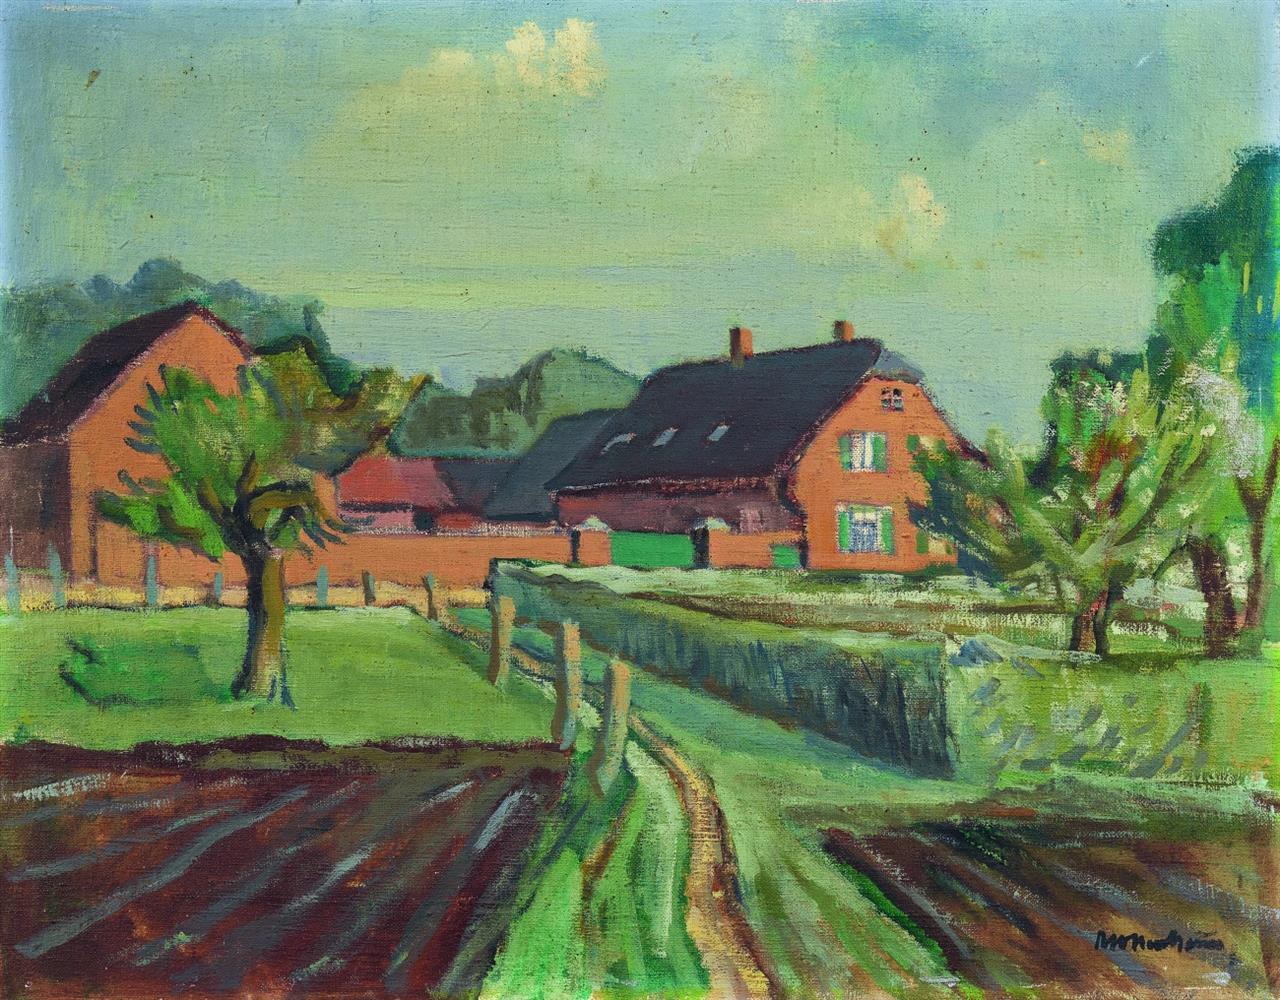 Ernst Mollenhauer. Bauernhof am Niederrhein. 1946. Öl auf Leinwand. Signiert.